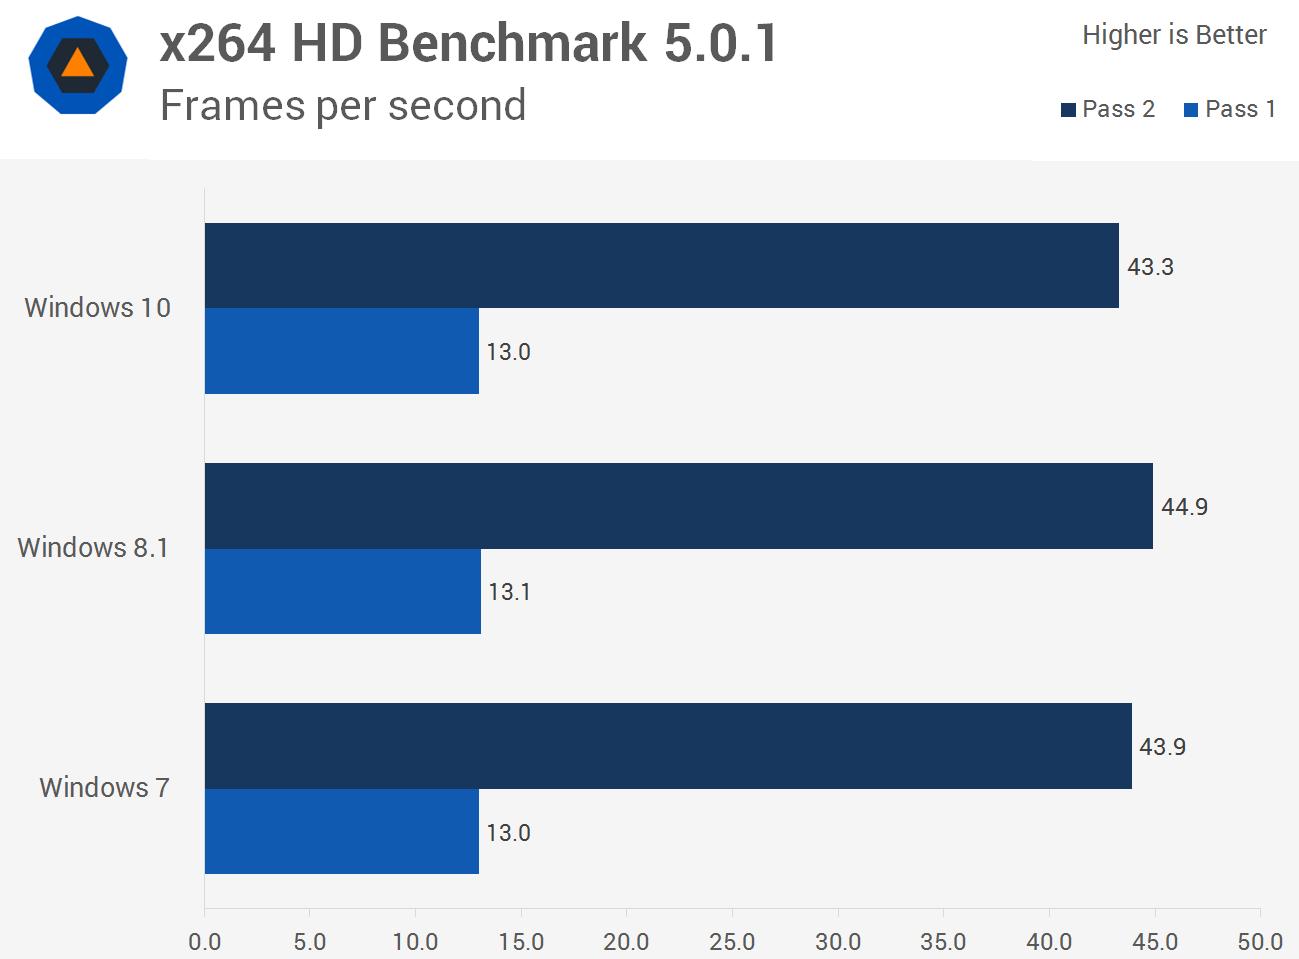 سرعت تبدیل ویدیو با بنچمارک x264 HD در ویندوز 10، ویندوز 8.1 و ویندوز 7